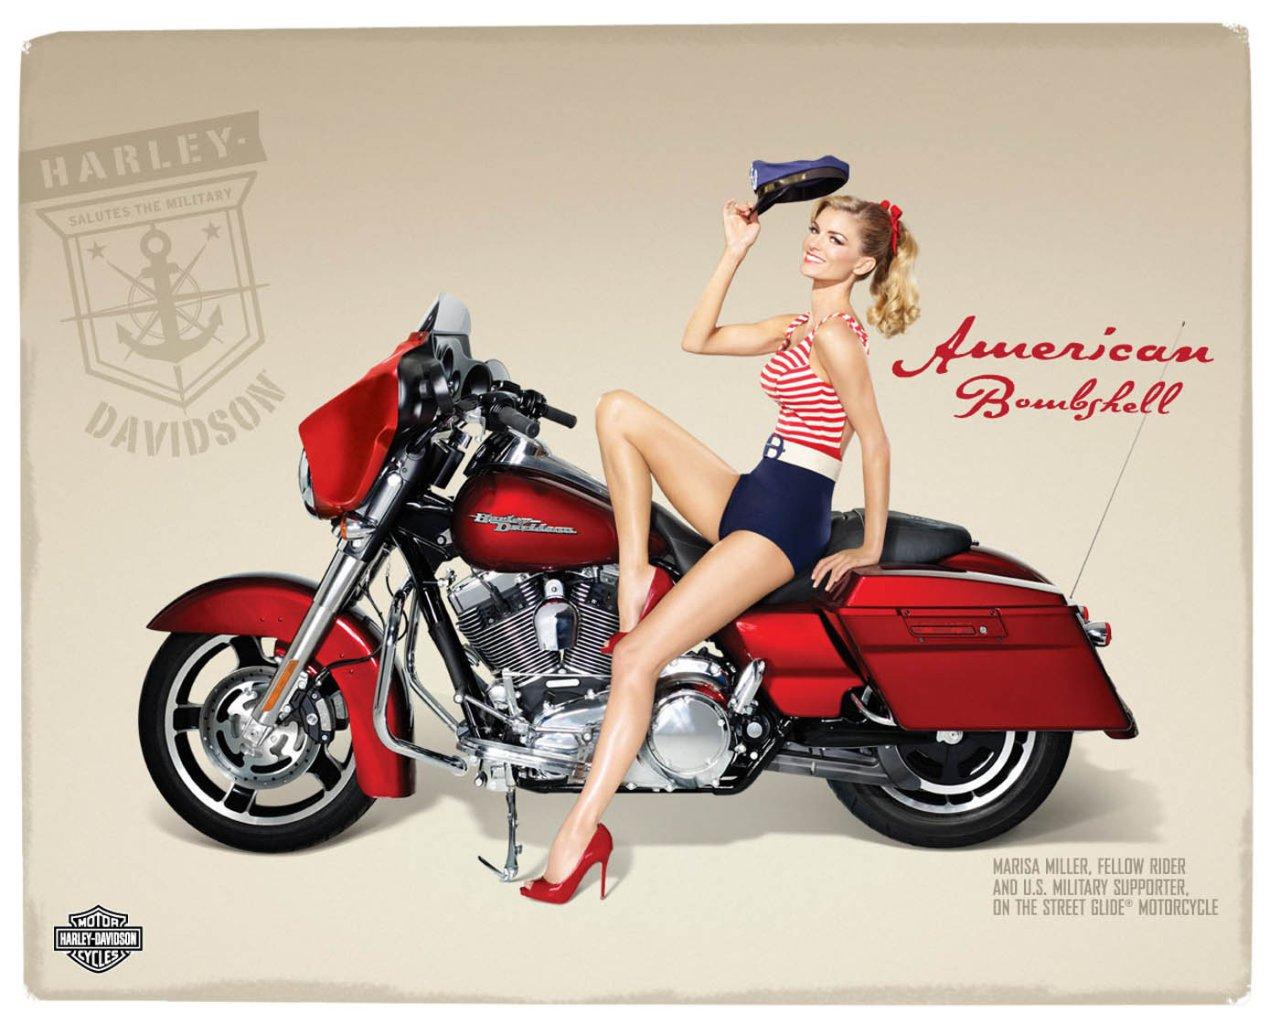 Harley Davidson: Il Mio Guardaroba: Harley-Davidson E Marisa Miller